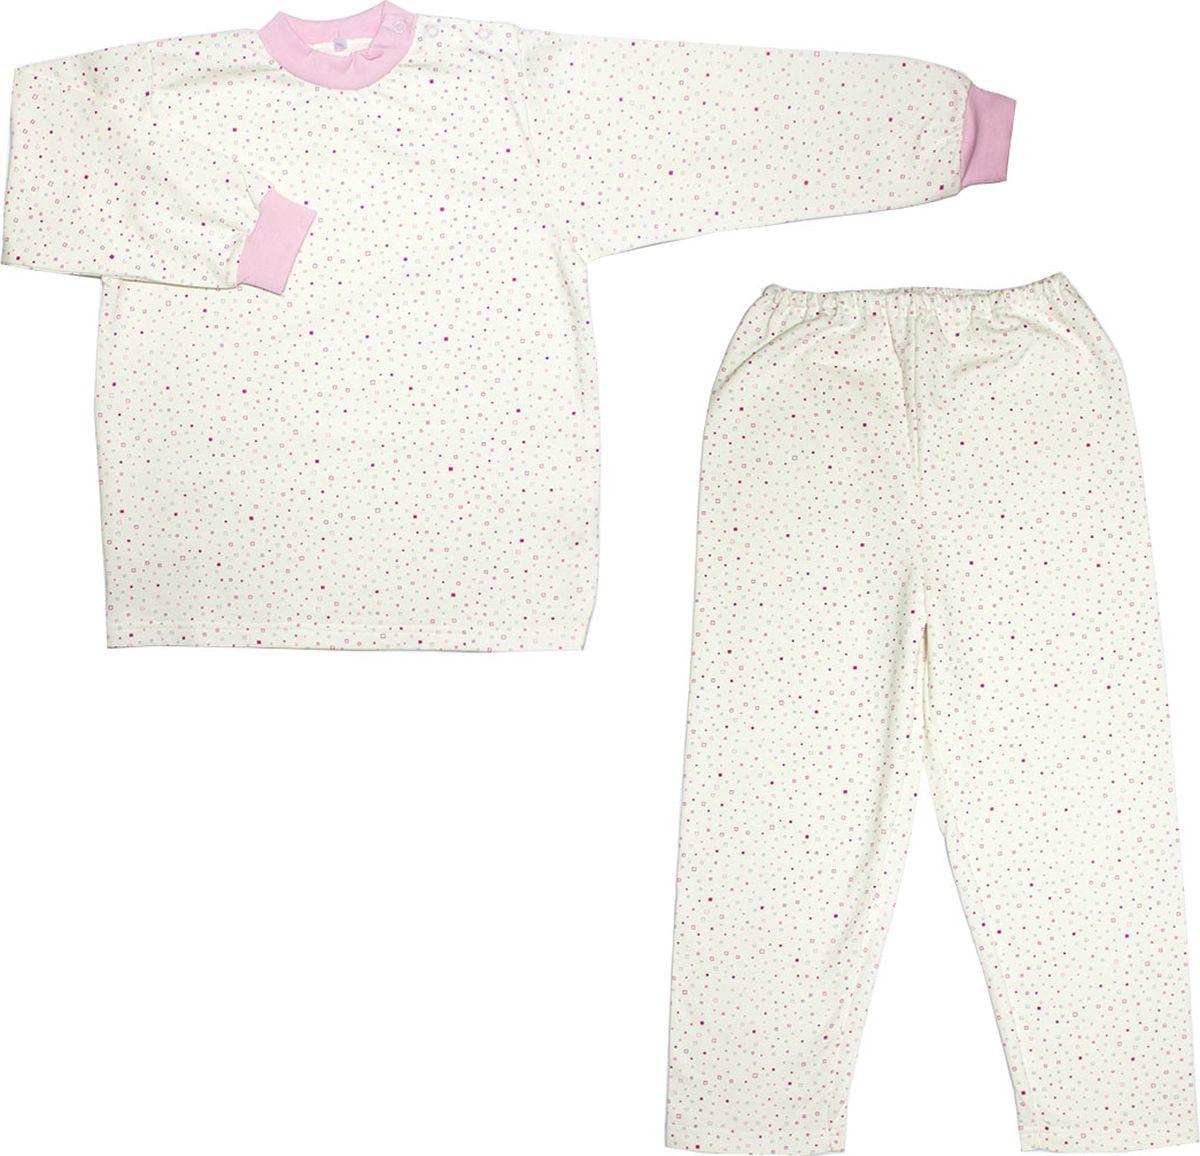 Пижама детская Осьминожка, цвет: молочный, розовый. 416-06. Размер 98416-06Пижама из мягкого теплого футера. Разные расцветки. Малышу уютно спать в такой пижамке.